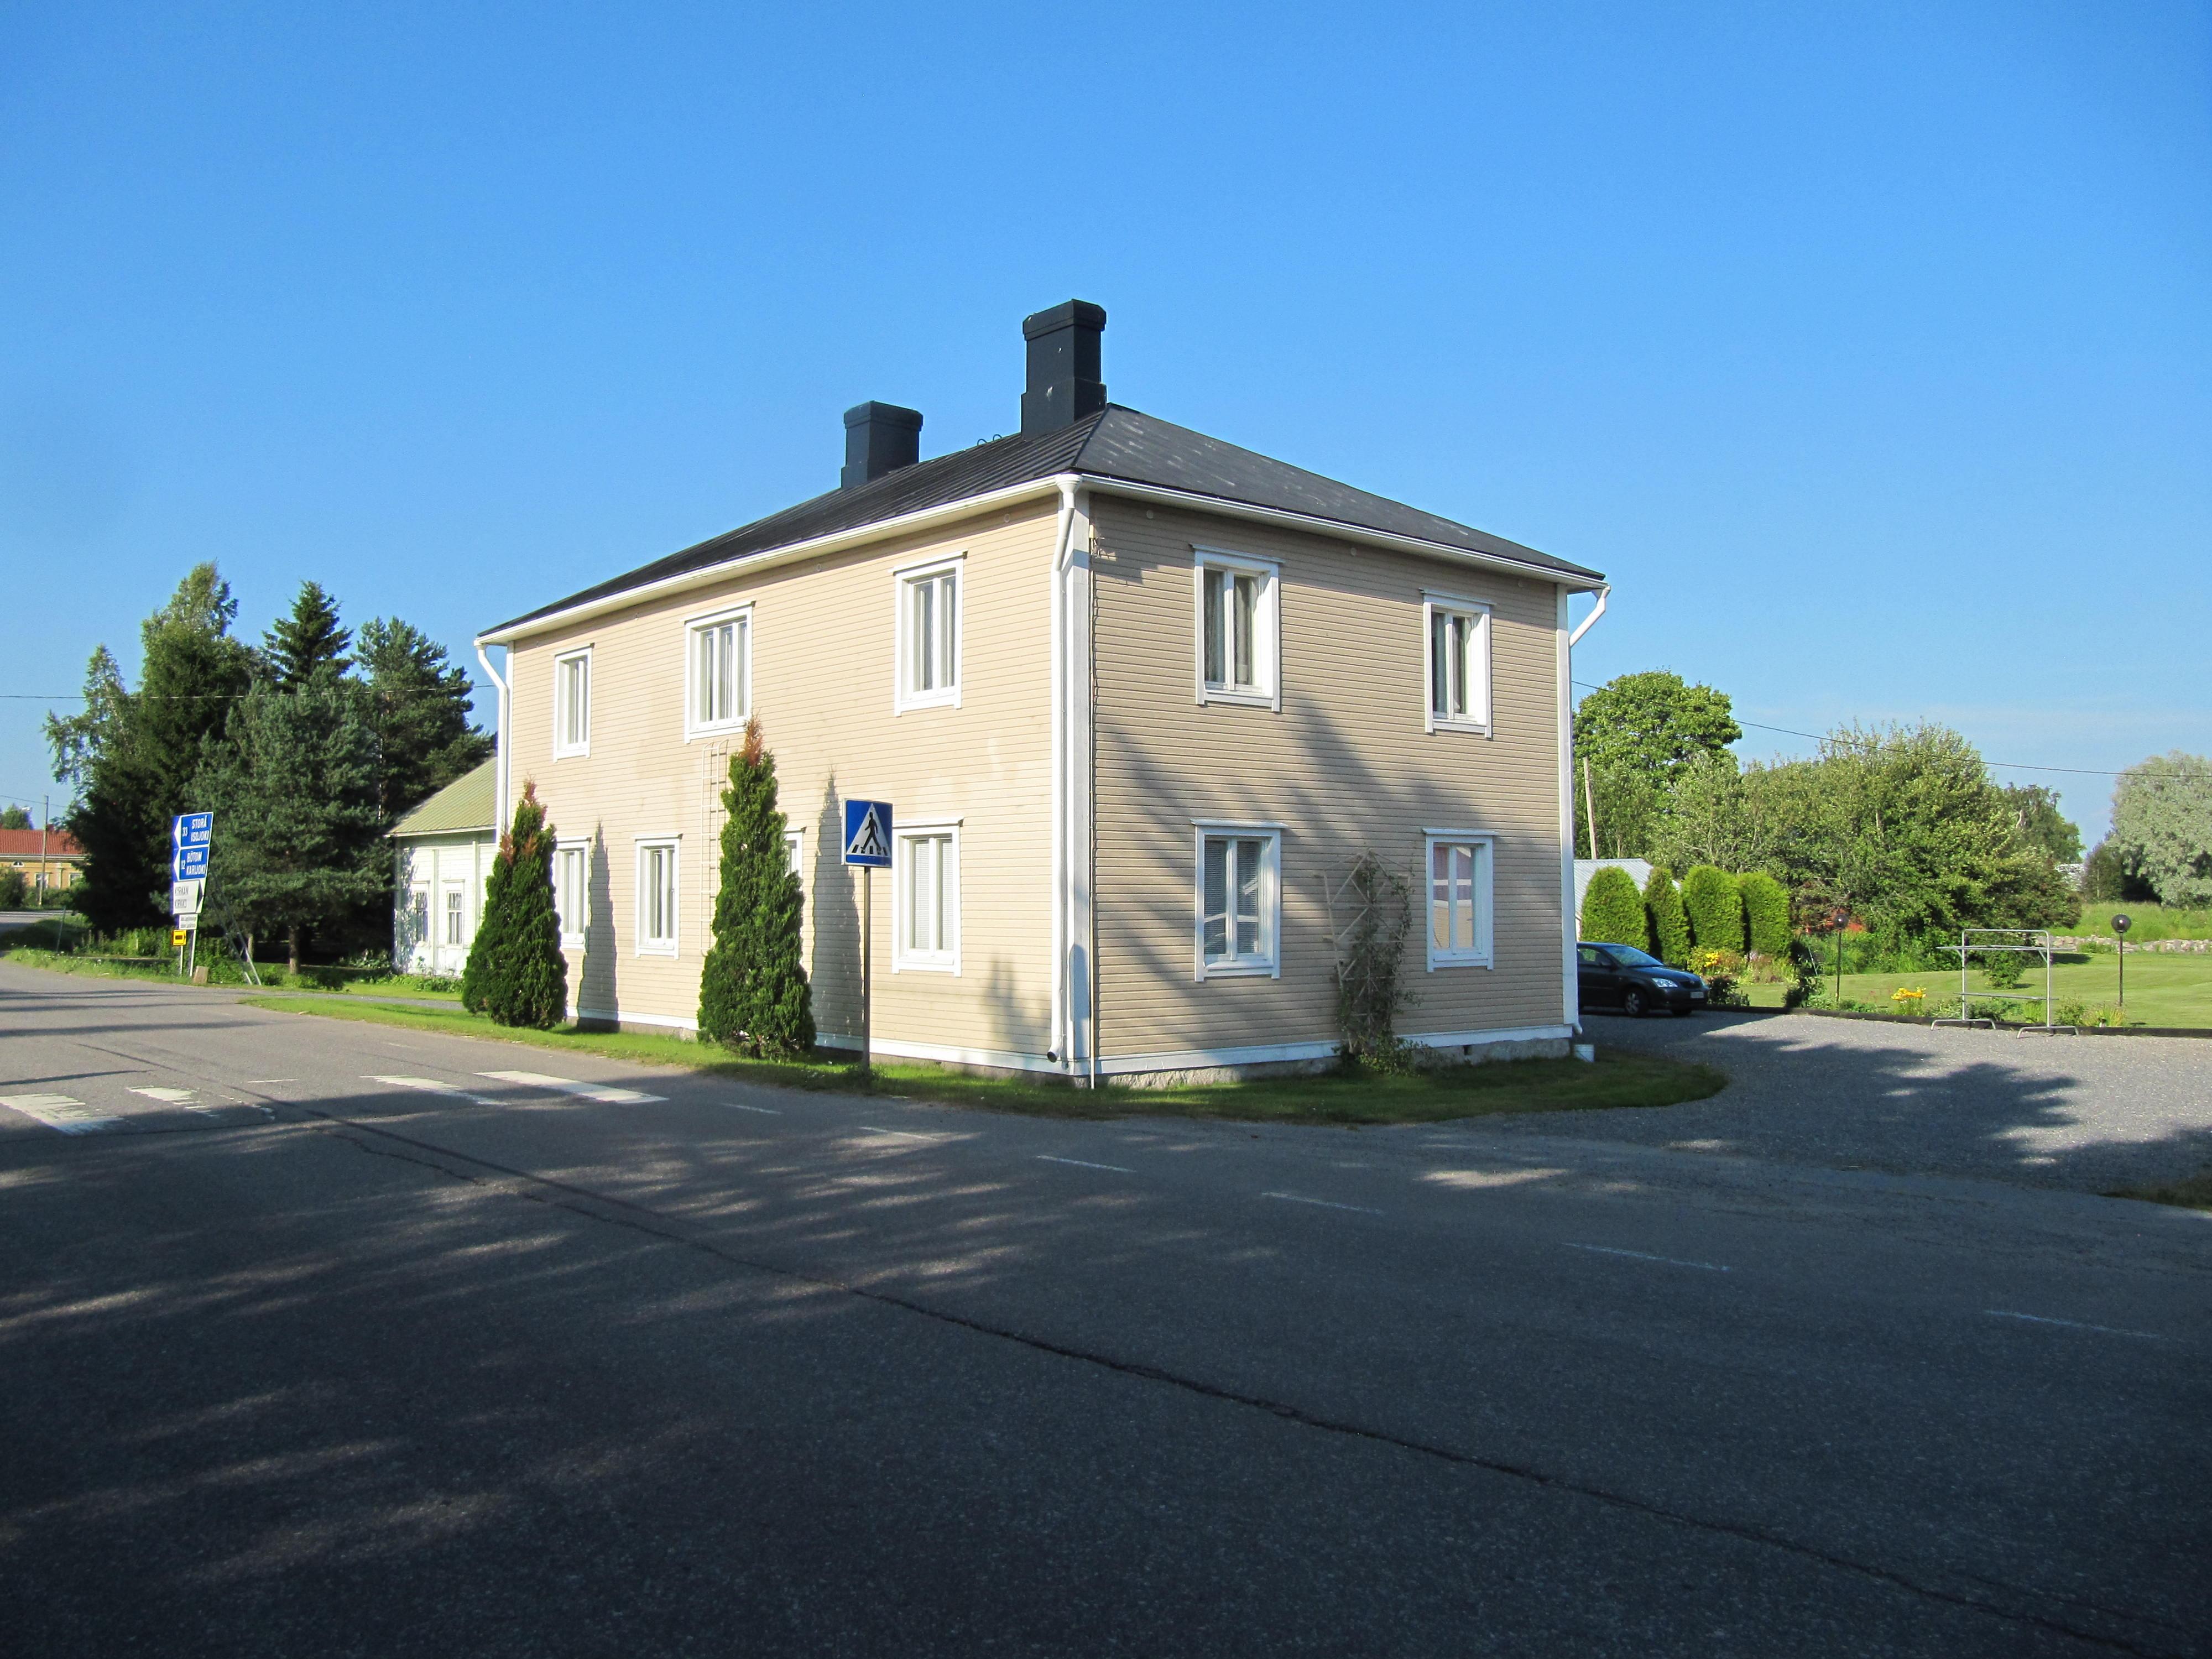 Hit till övre våningen på Hautaviitas gård nära Stenmanas kroken flyttade Hans Gullmes med sin familj och i nedre våningen verkade hans elinstallationsfirma Gullmes Elbyrå.